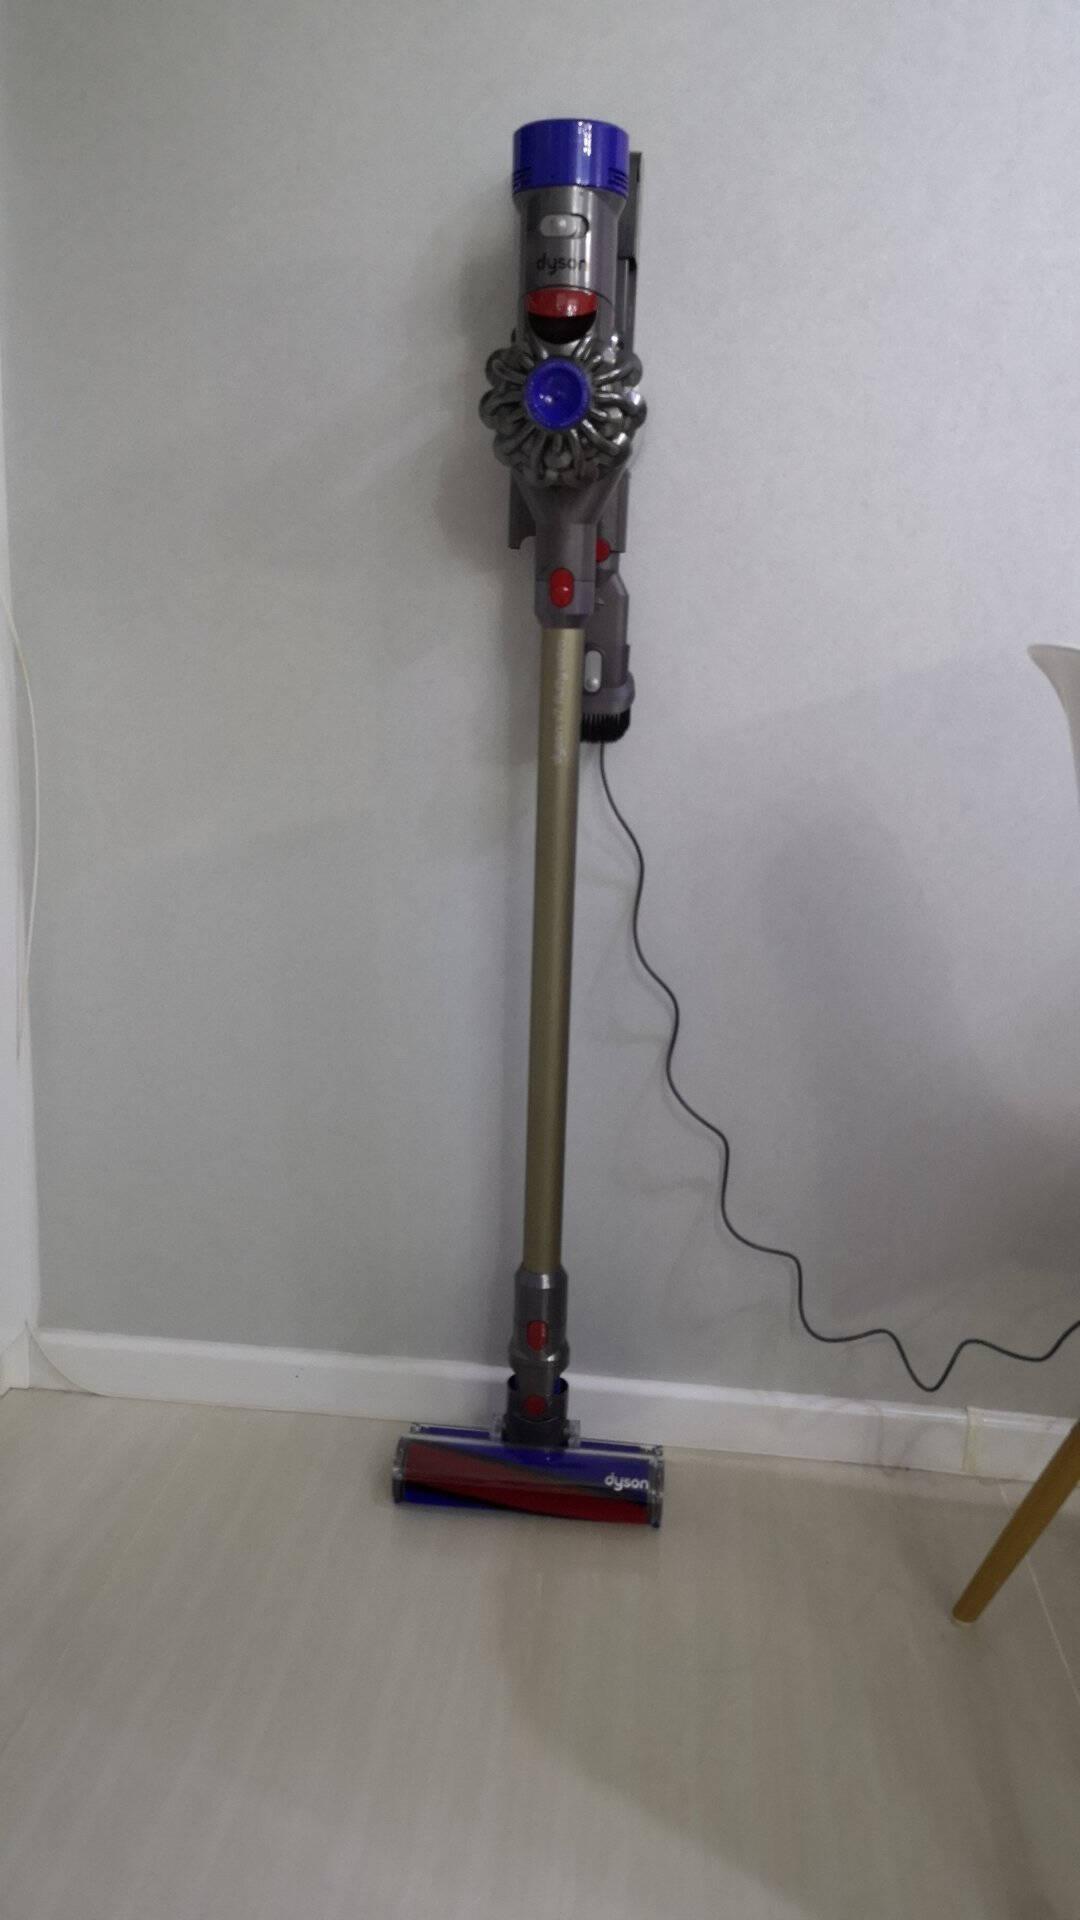 戴森(Dyson)吸尘器V7FluffyExtra手持吸尘器家用除螨宠物家庭适用【京品家电官方正品】